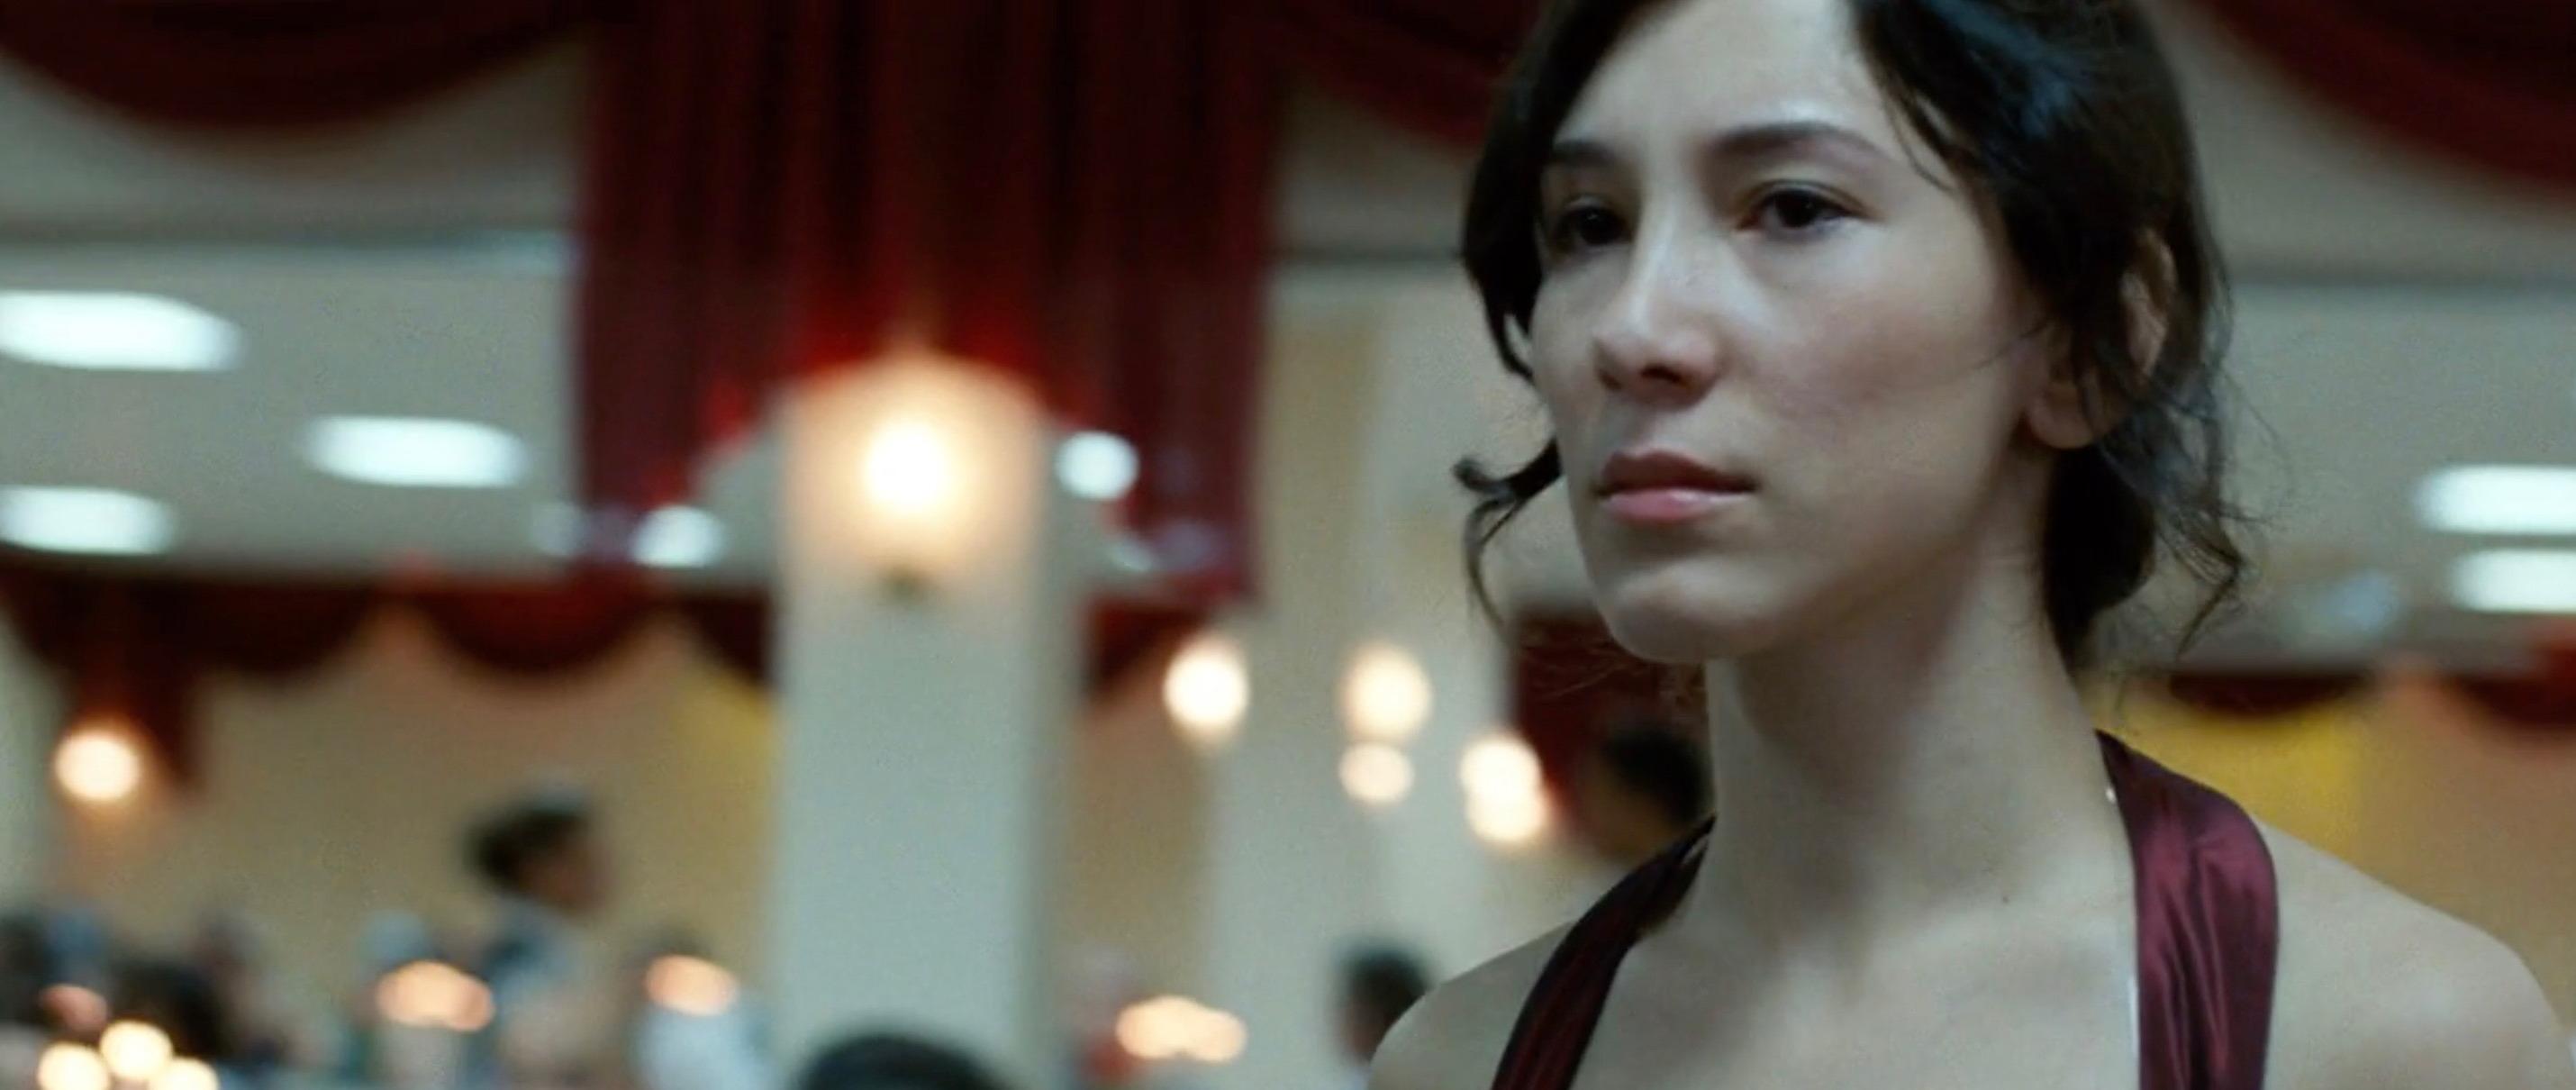 Die Fremde - When We Leave - Sibel Kekilli als Umay - Regie: Feo Aladag - Kamera Judith Kaufmann